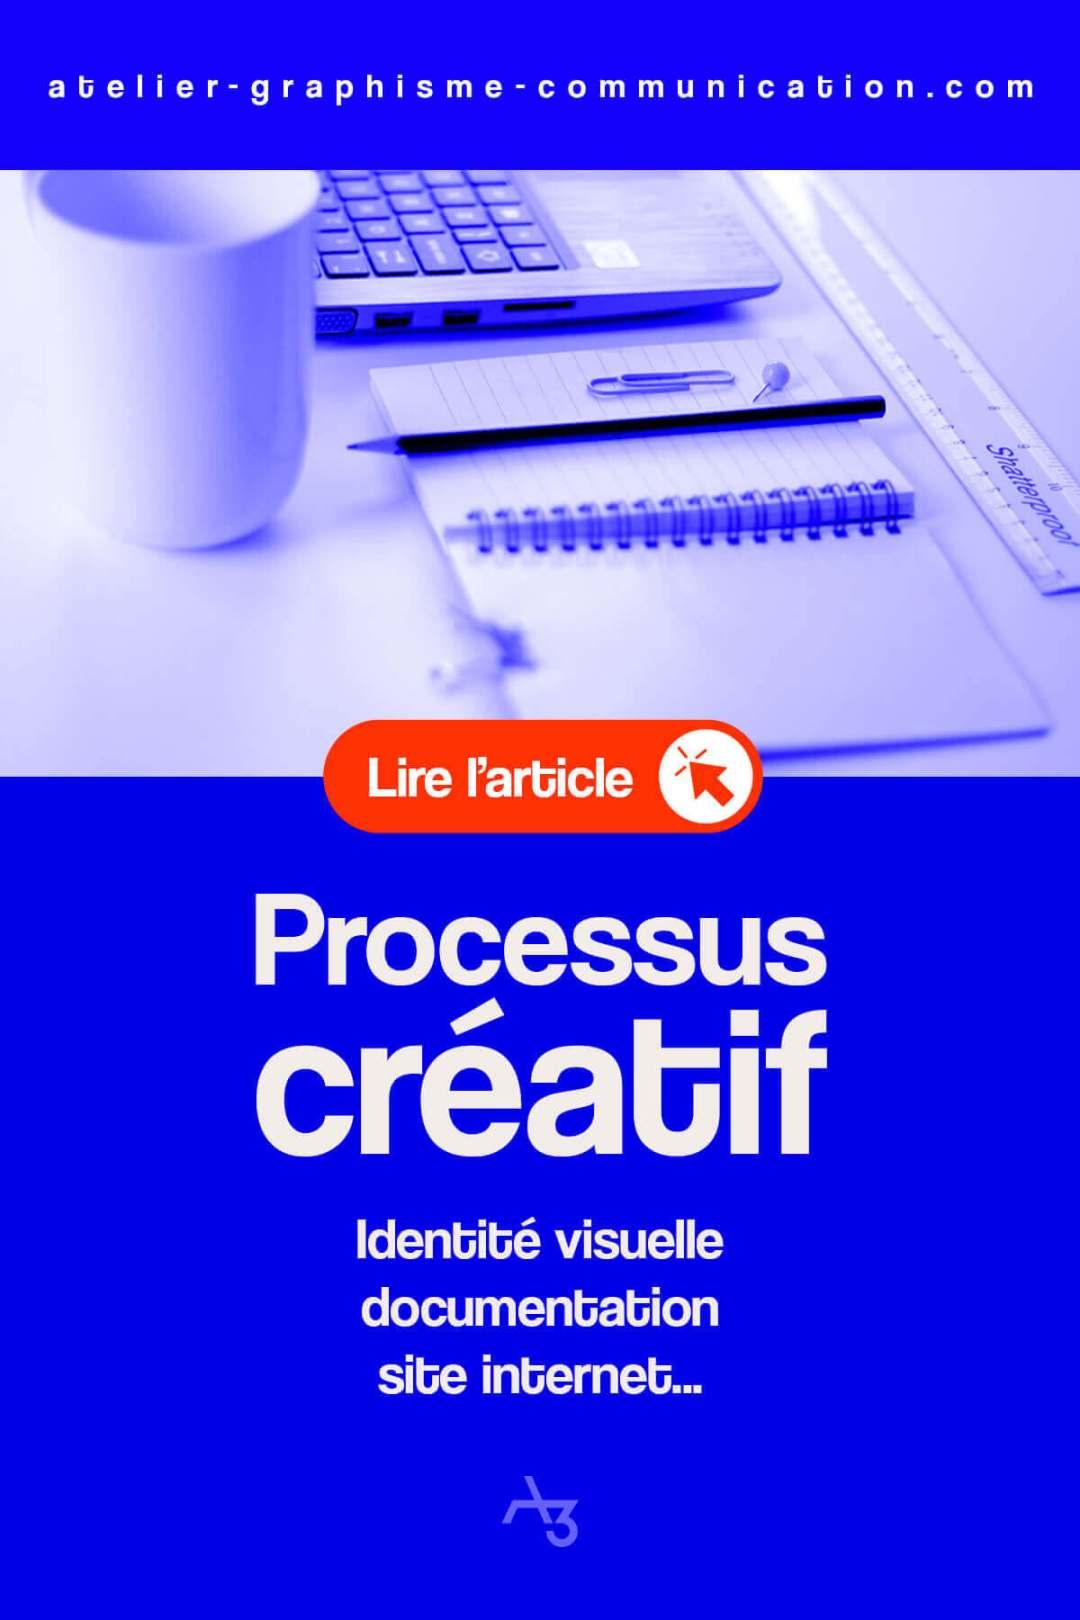 Processus de création site internet